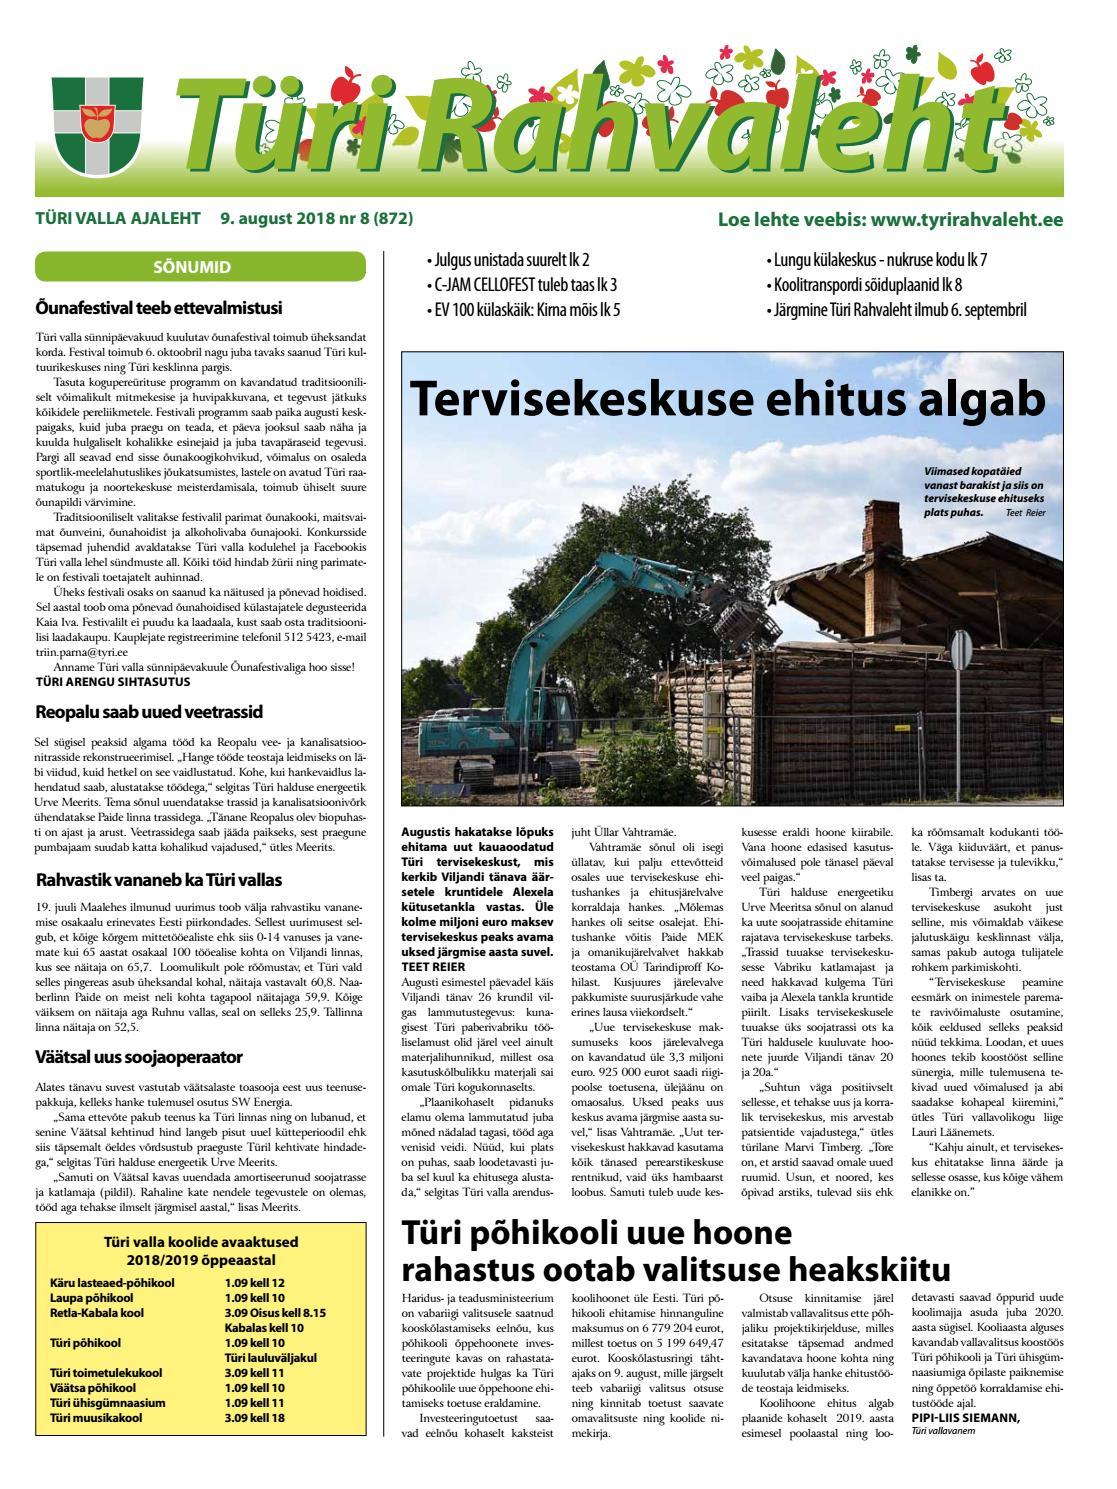 72bb8753ce0 09.08.2018 Türi Rahvaleht by Tyri Development Agency - issuu